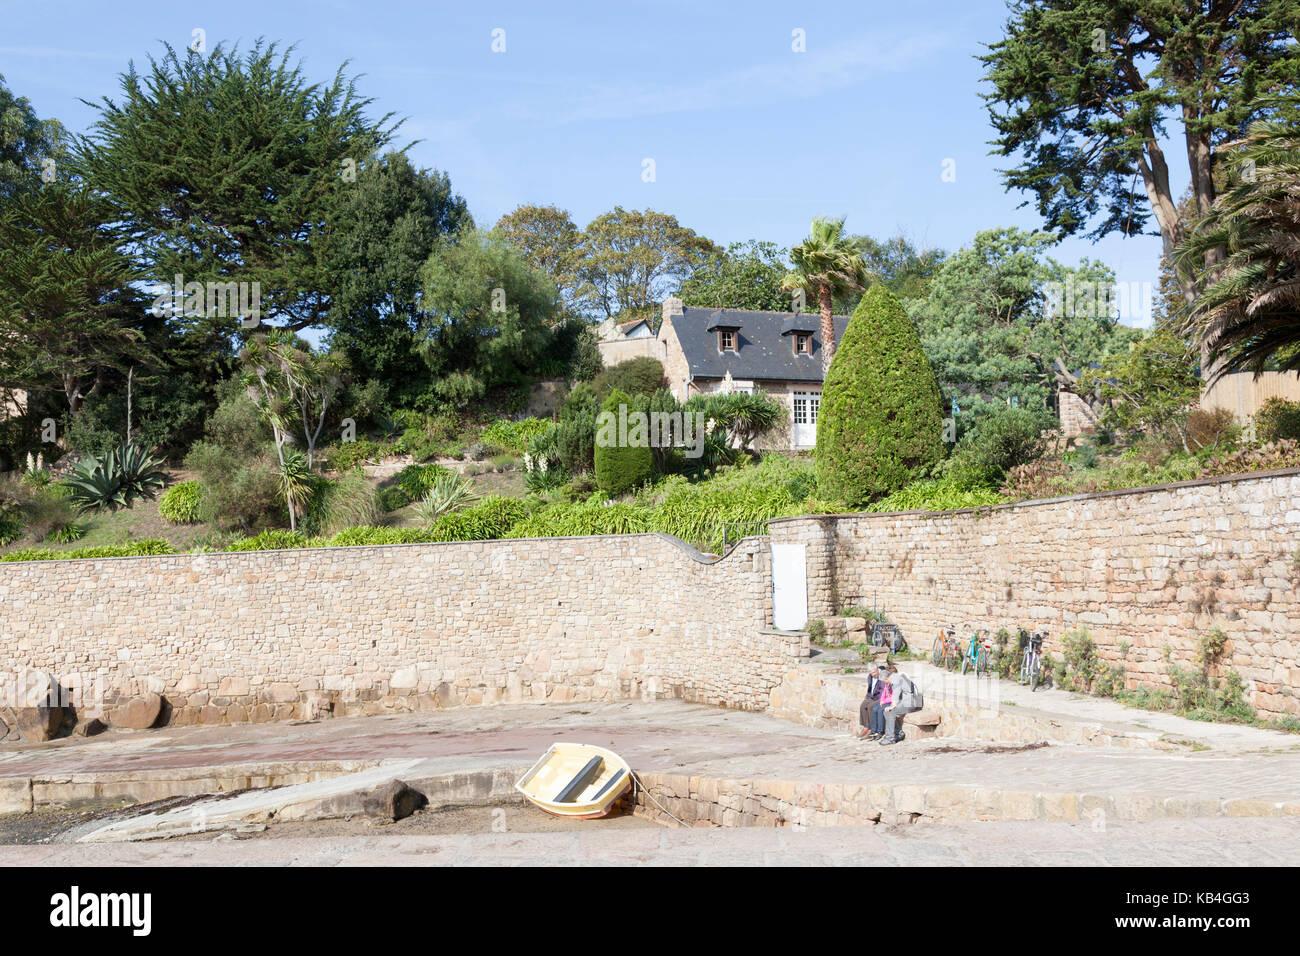 Clos porta a bassa marea, nel sud dell'isola di Brehat (Bretagna - Francia). Un bene di carattere paesaggistico Immagini Stock